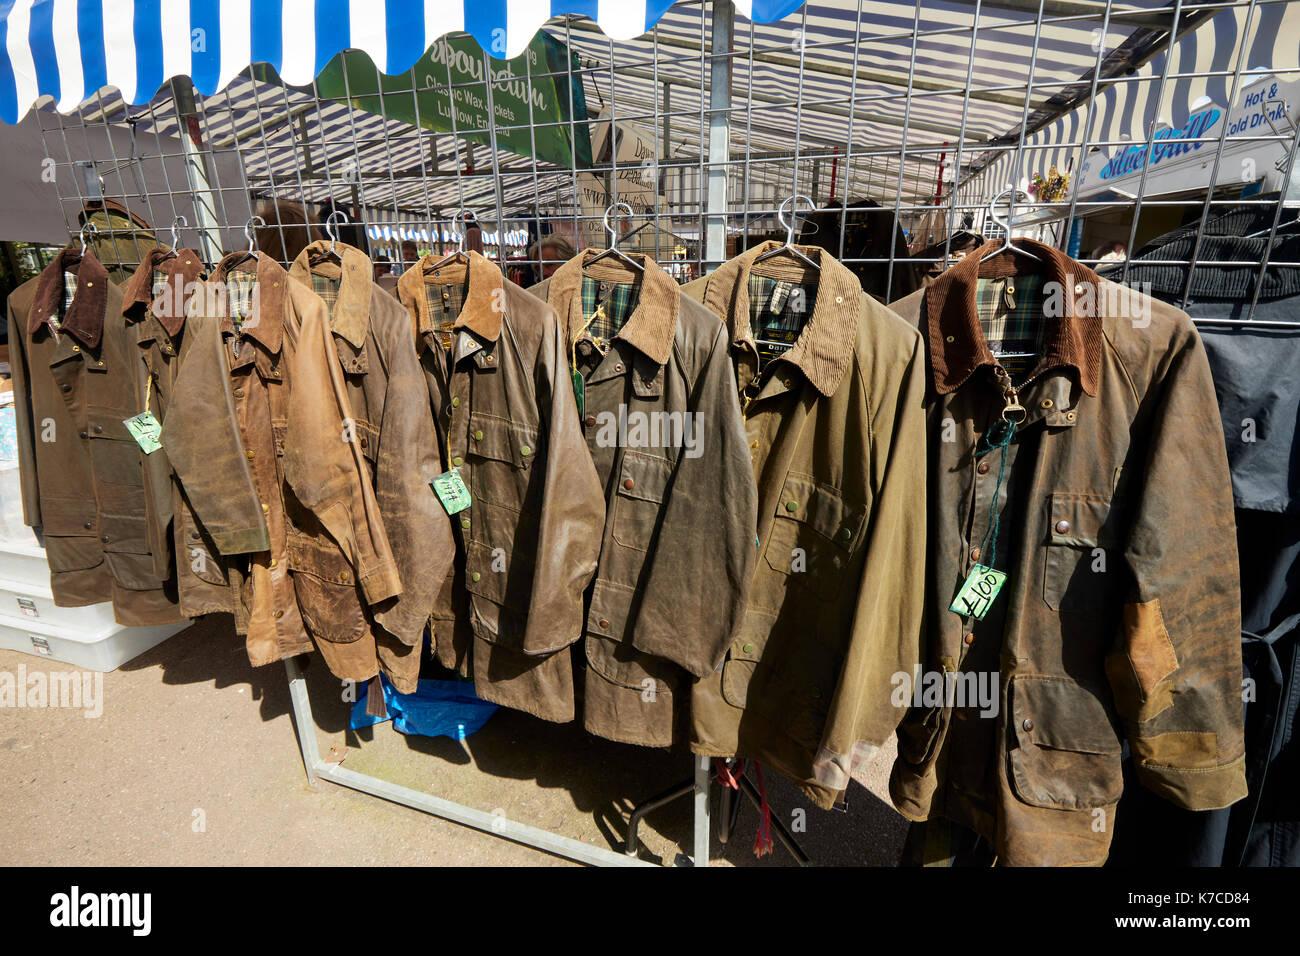 Barbour giacche mercato piazza Castello di Ludlow Shropshire West Midlands  England Regno Unito Immagini Stock 249c66b12d49